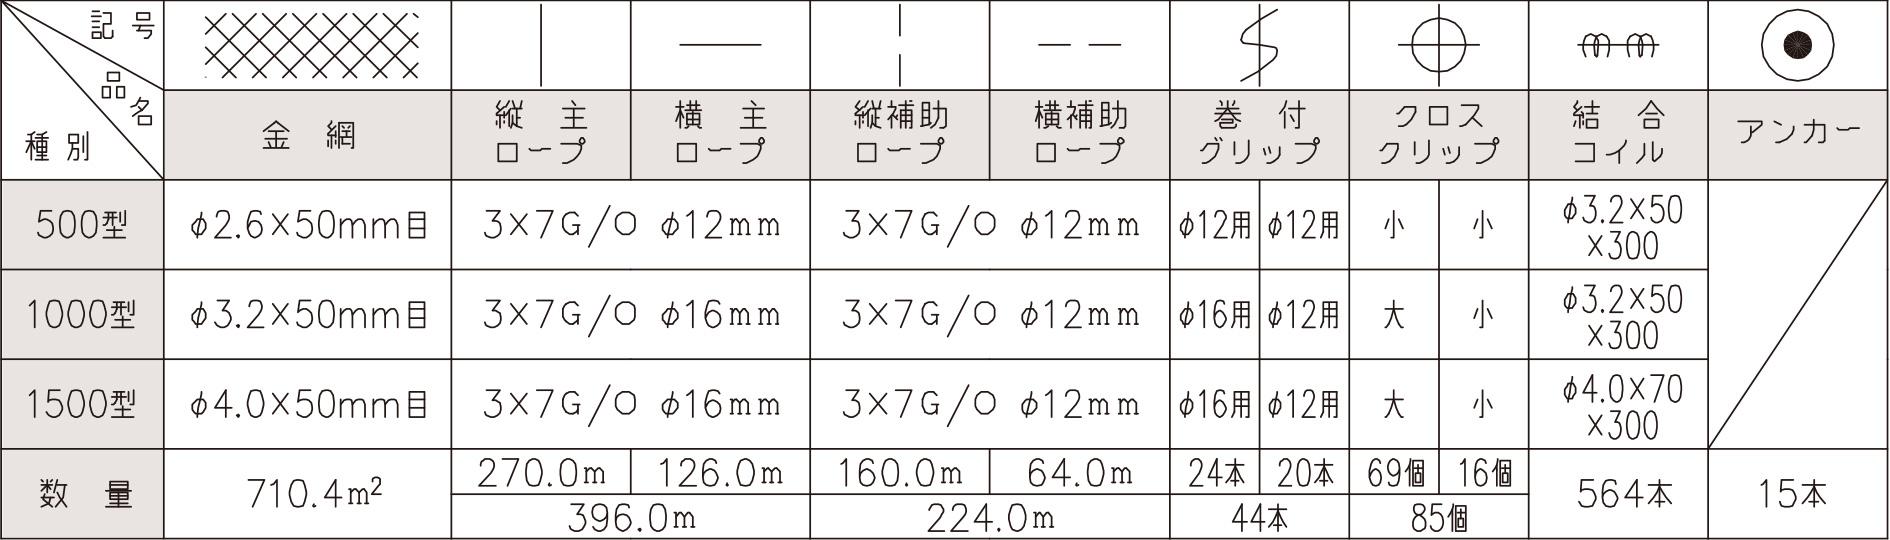 部材数量表 640.0 m²当り